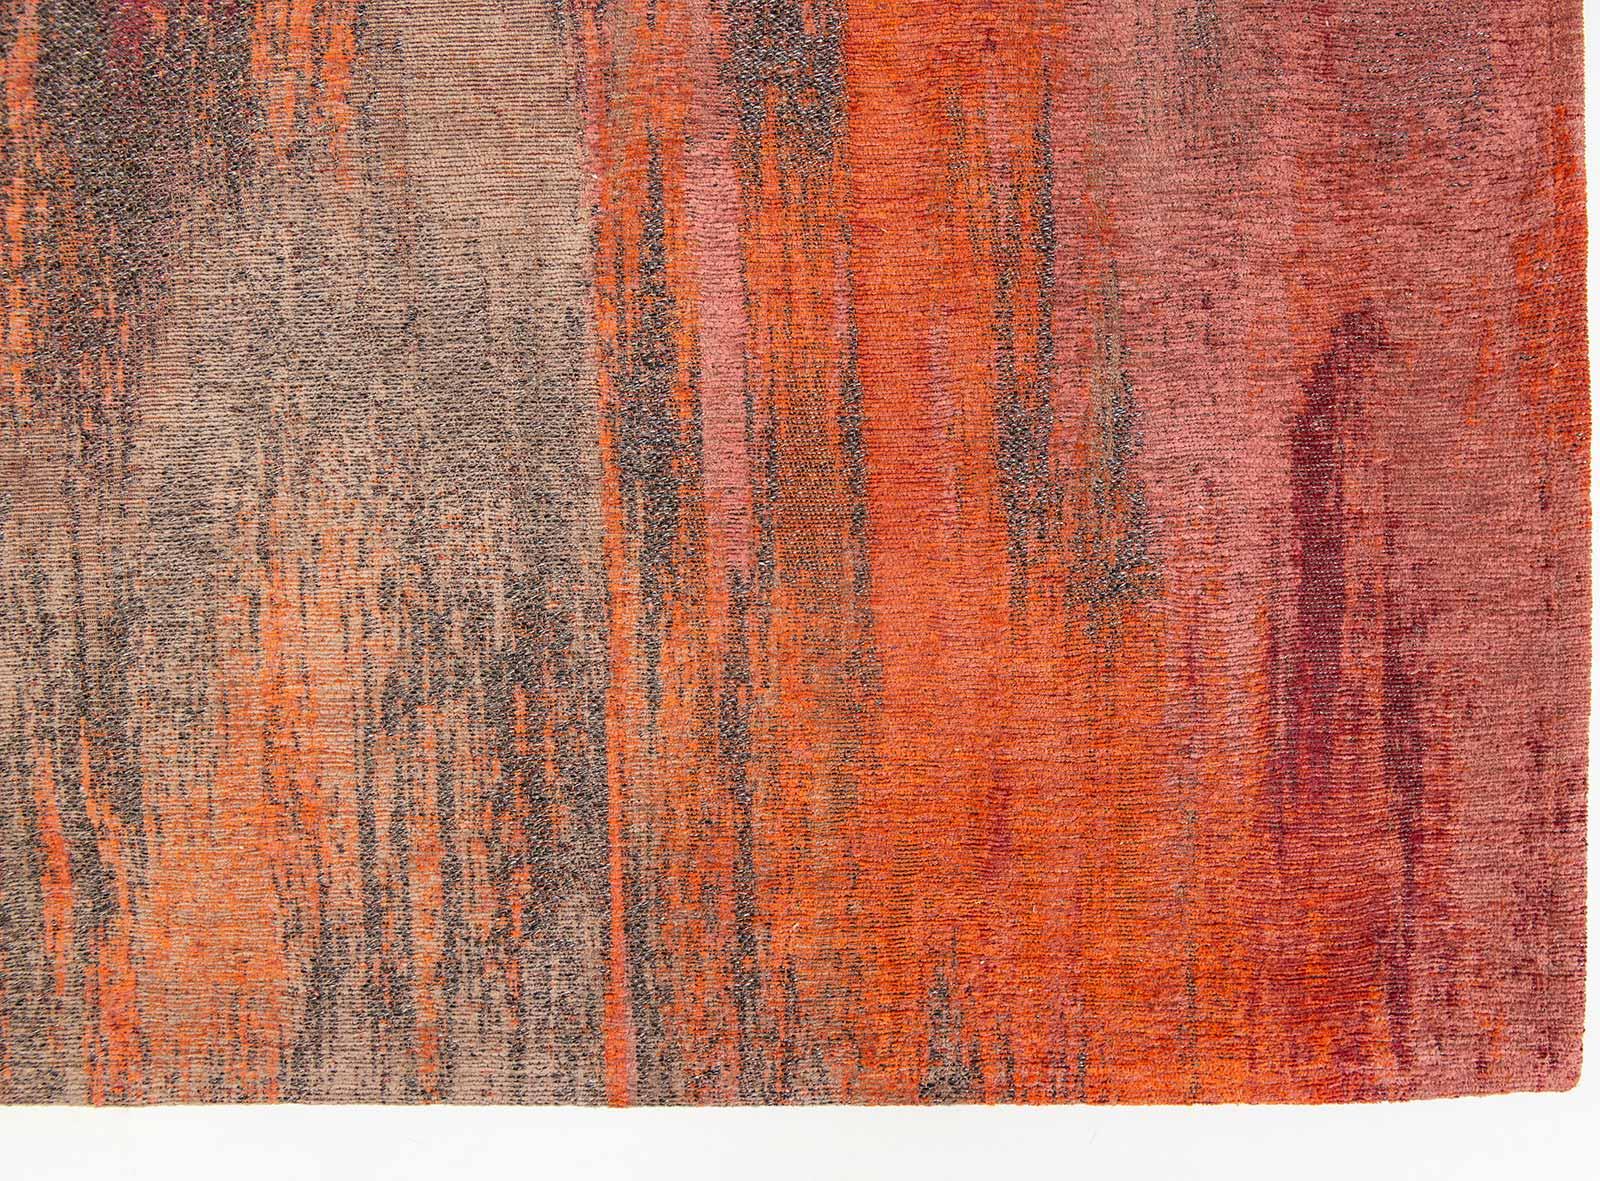 Louis De Poortere rug CS 9116 Atlantic Monetti Hibiscus Red corner